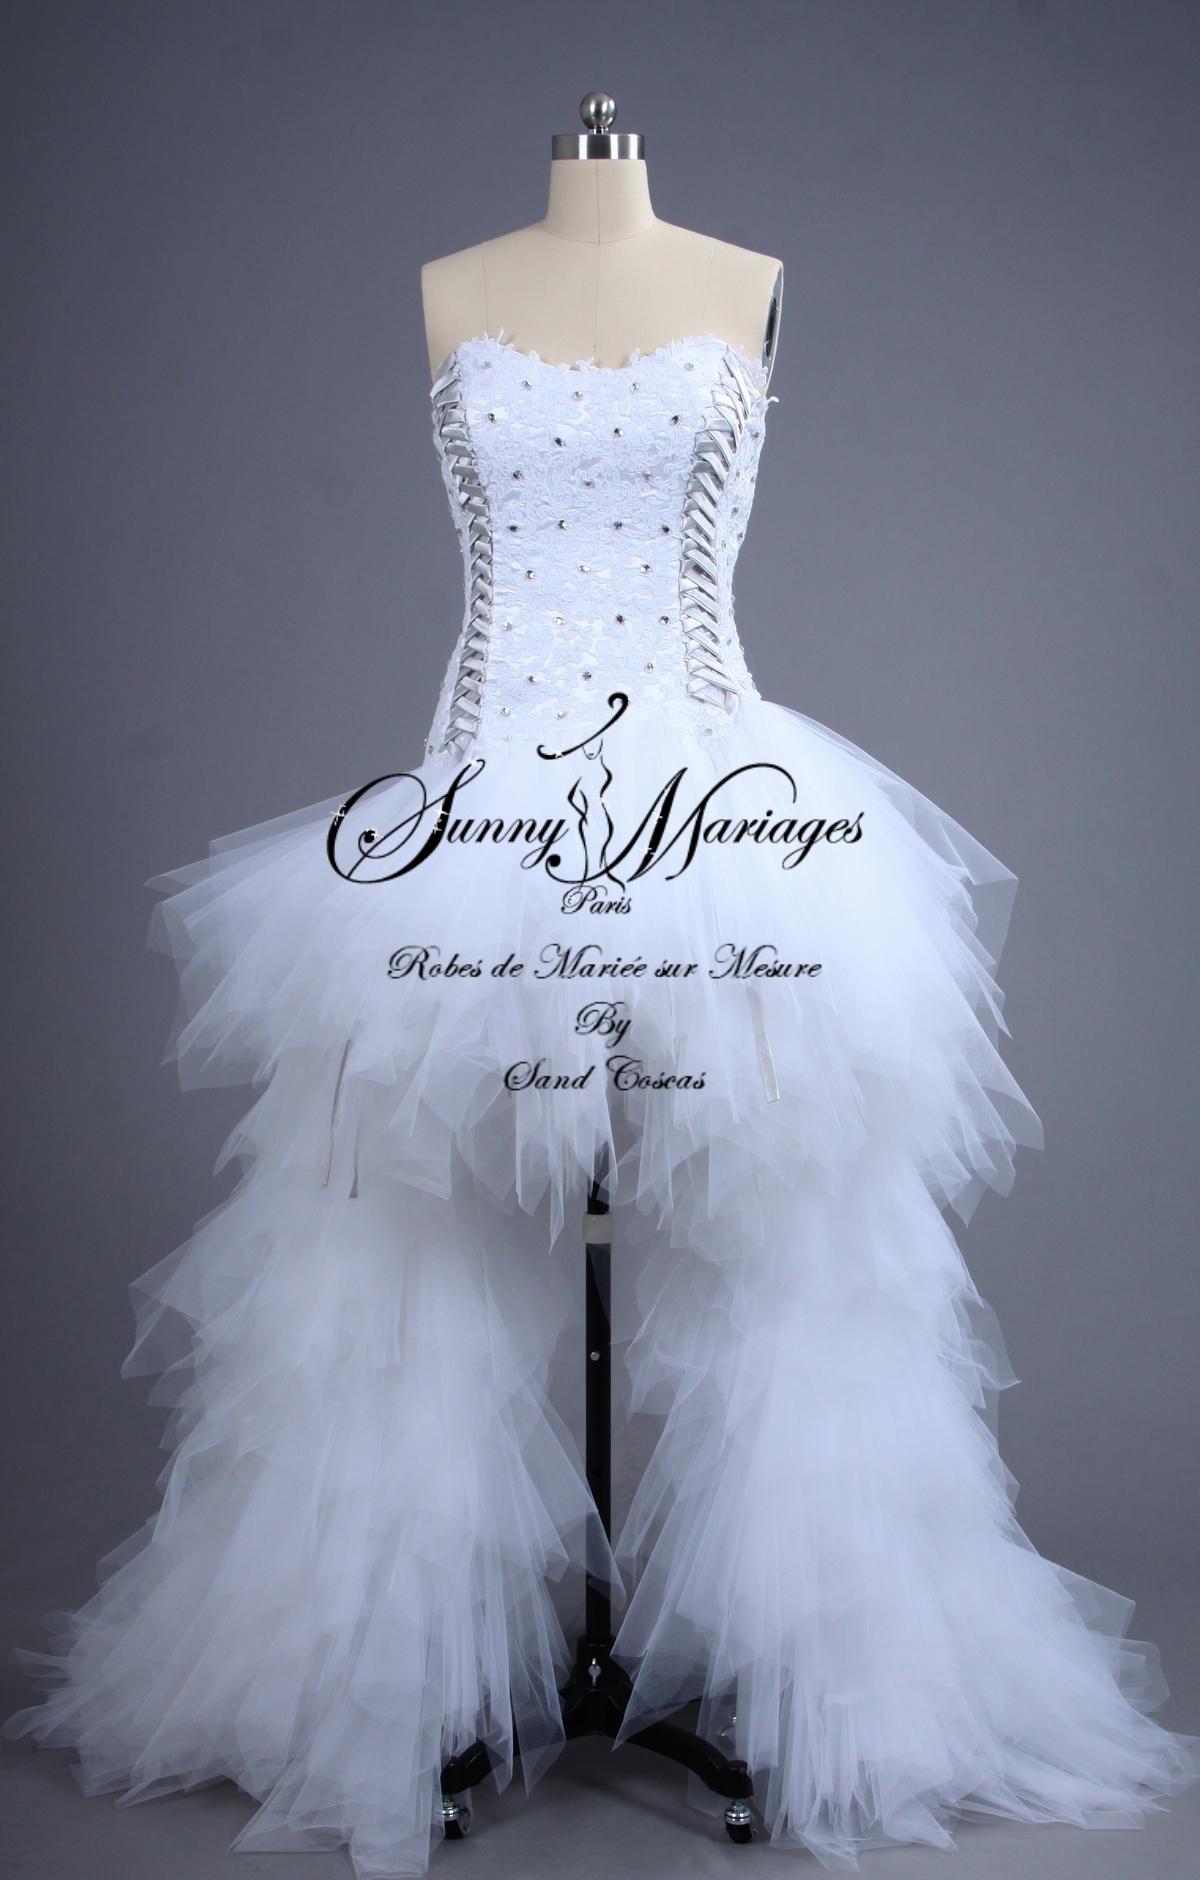 79acd7ffb41 Robe de mariée - sur mesure - courte et longue